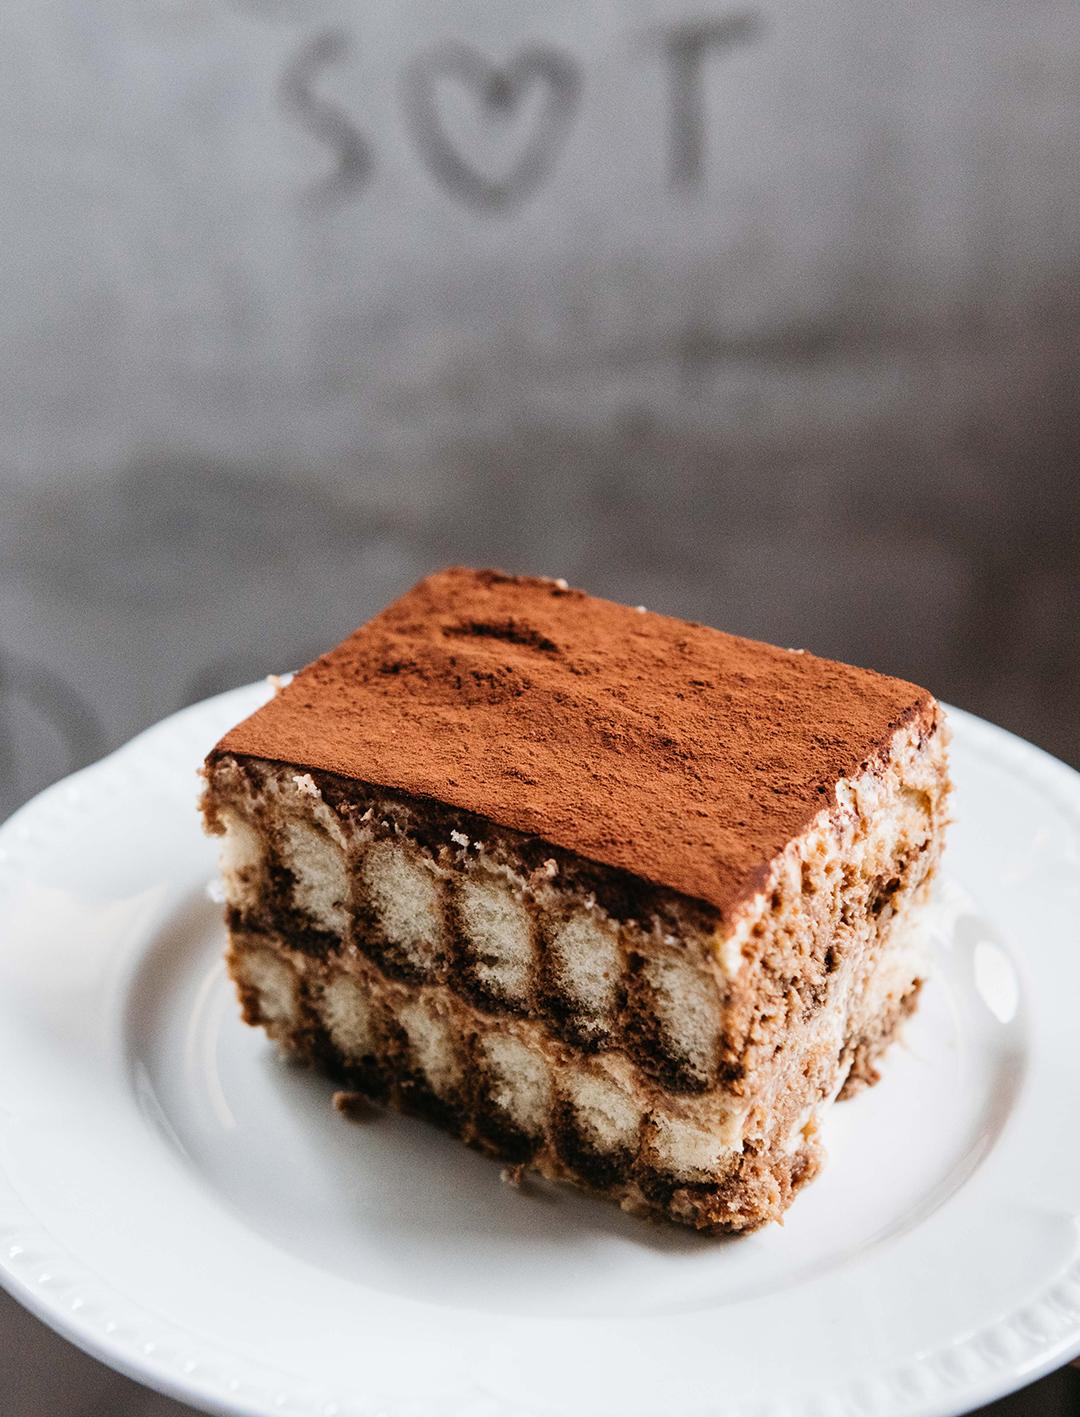 massive slice of tiramisu on a plate